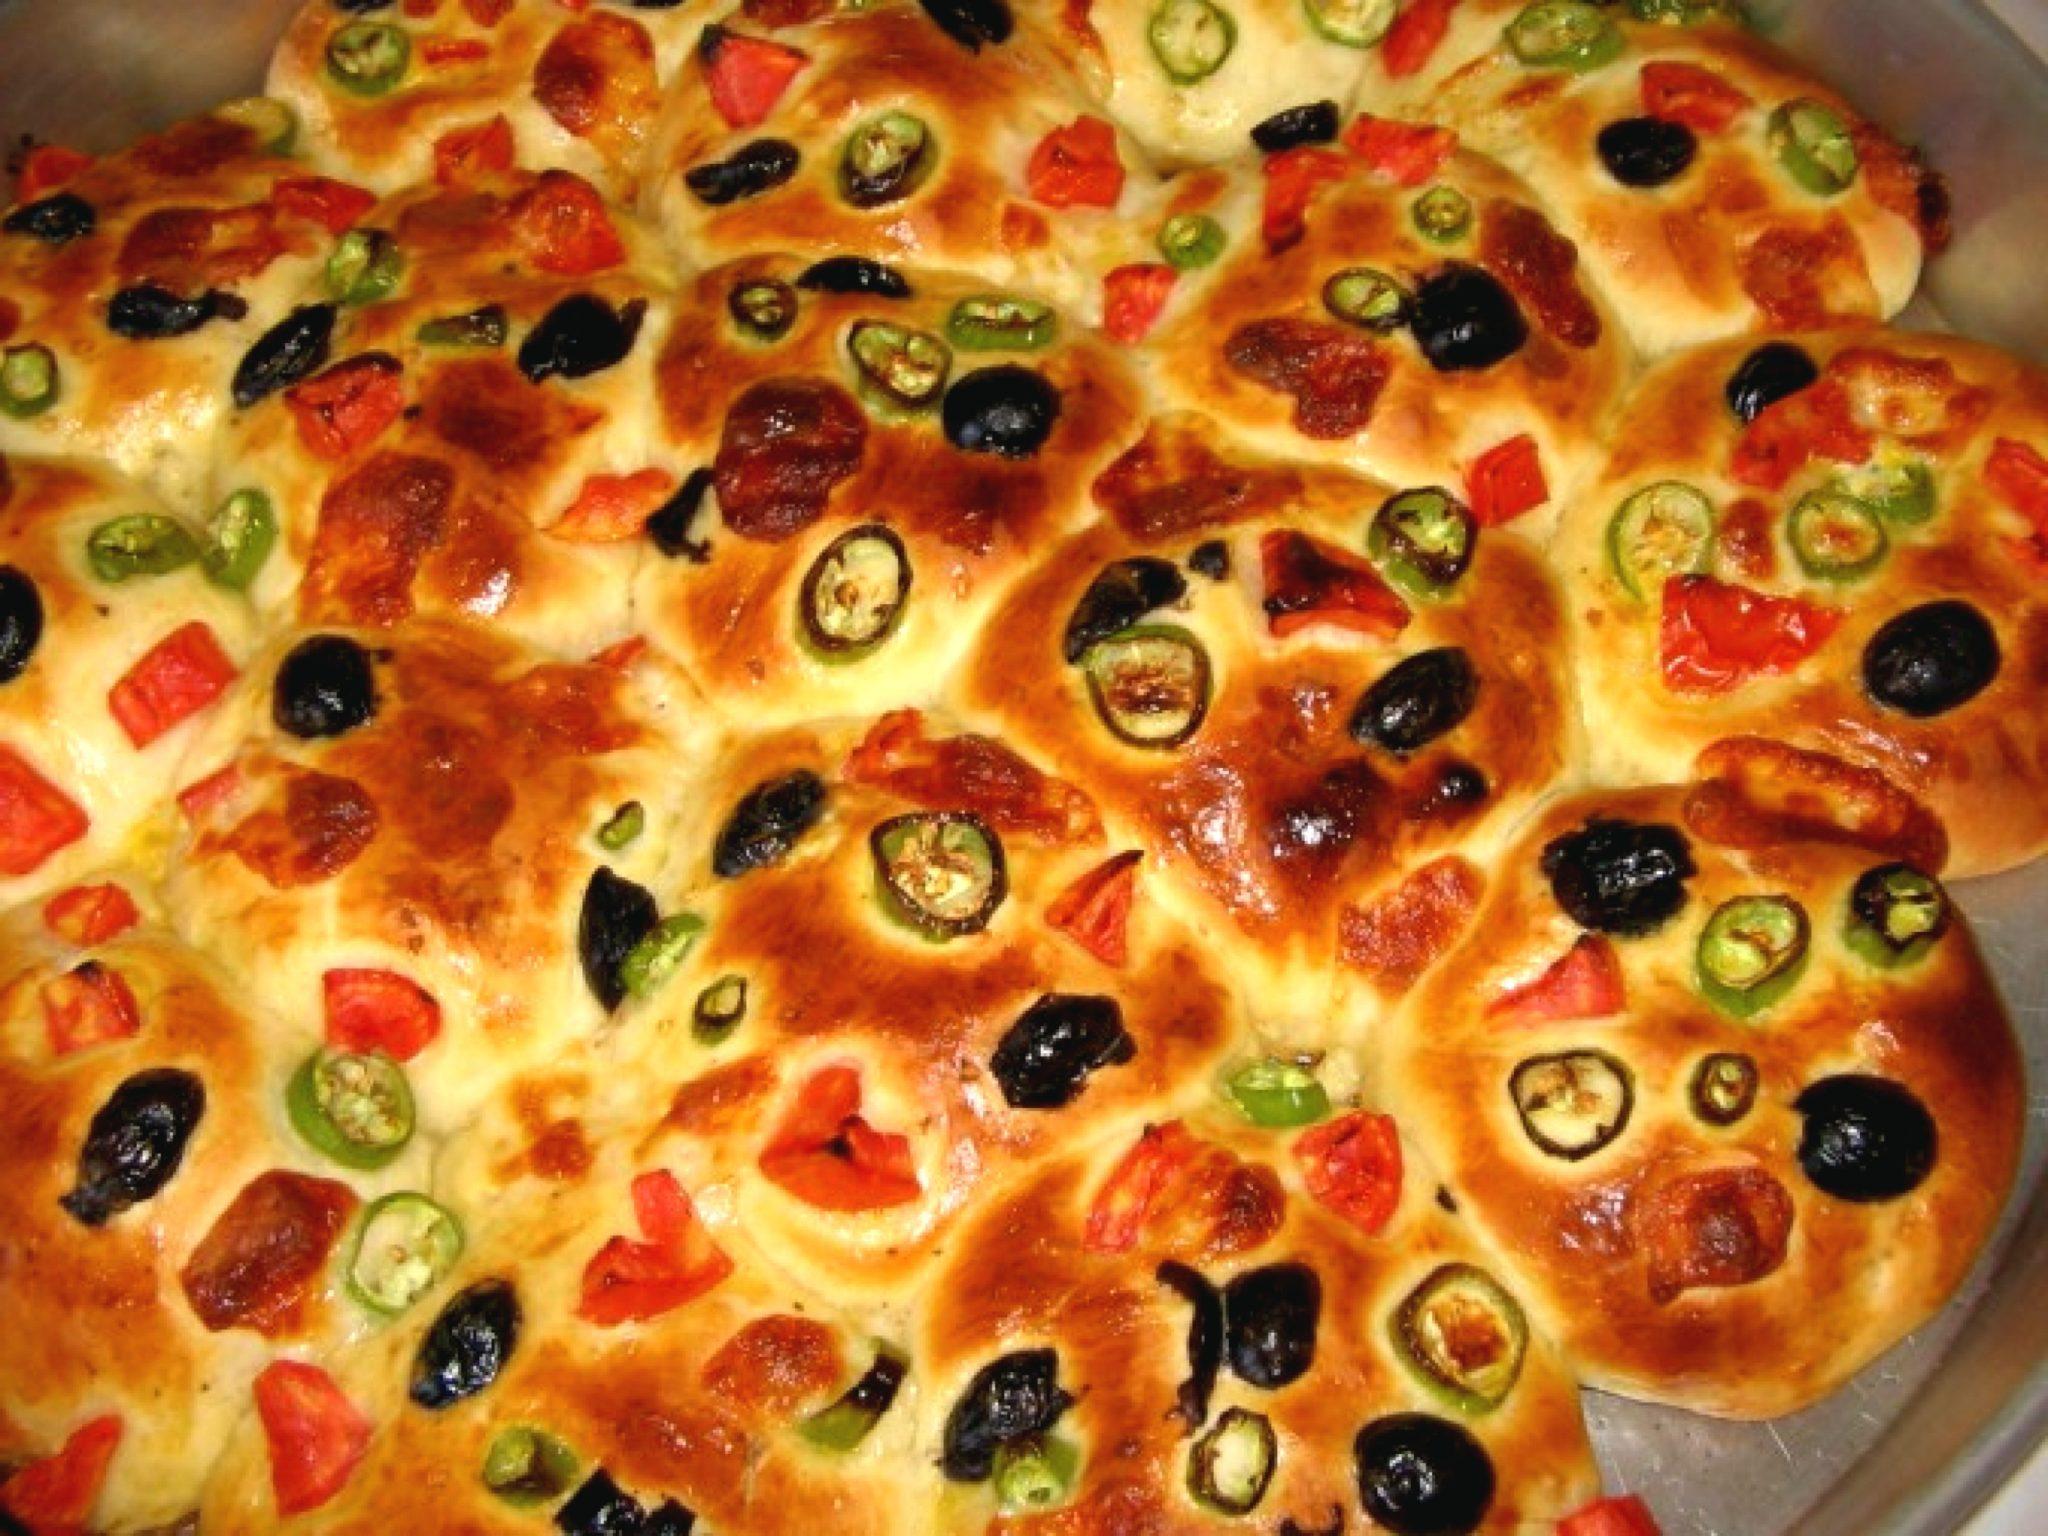 Ev yapımı pizza tarifleri ile Etiketlenen Konular